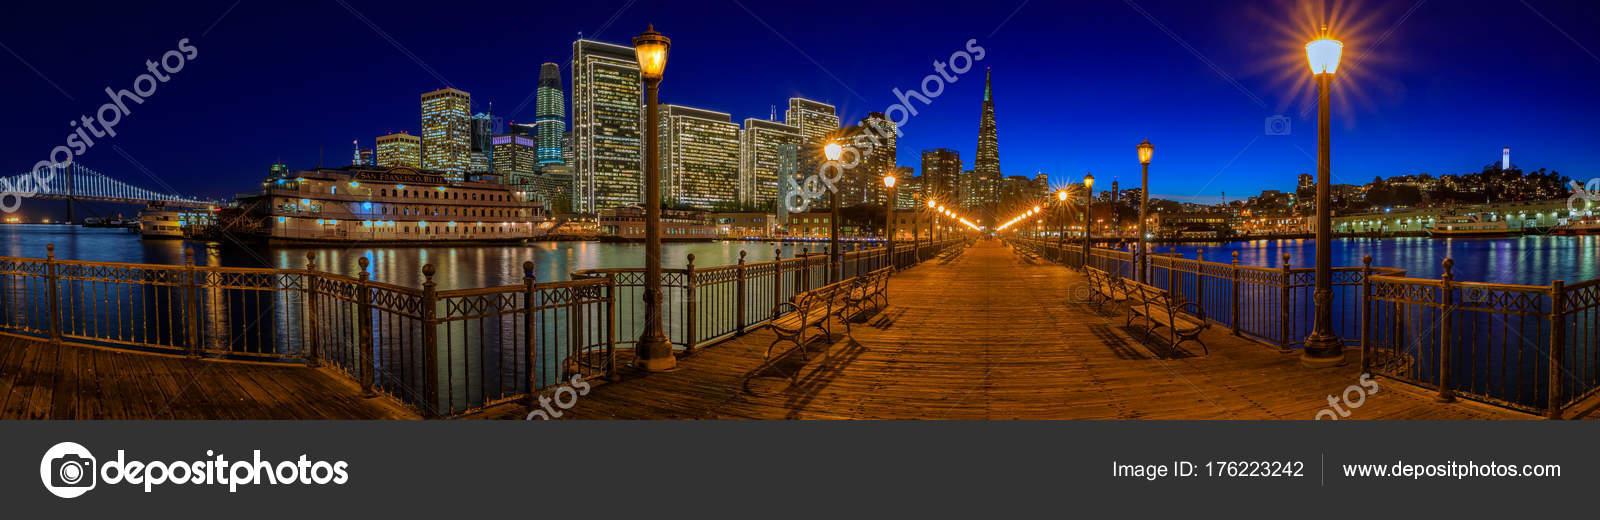 Die Innenstadt von San Francisco und die Transamerica Pyramid zu ...